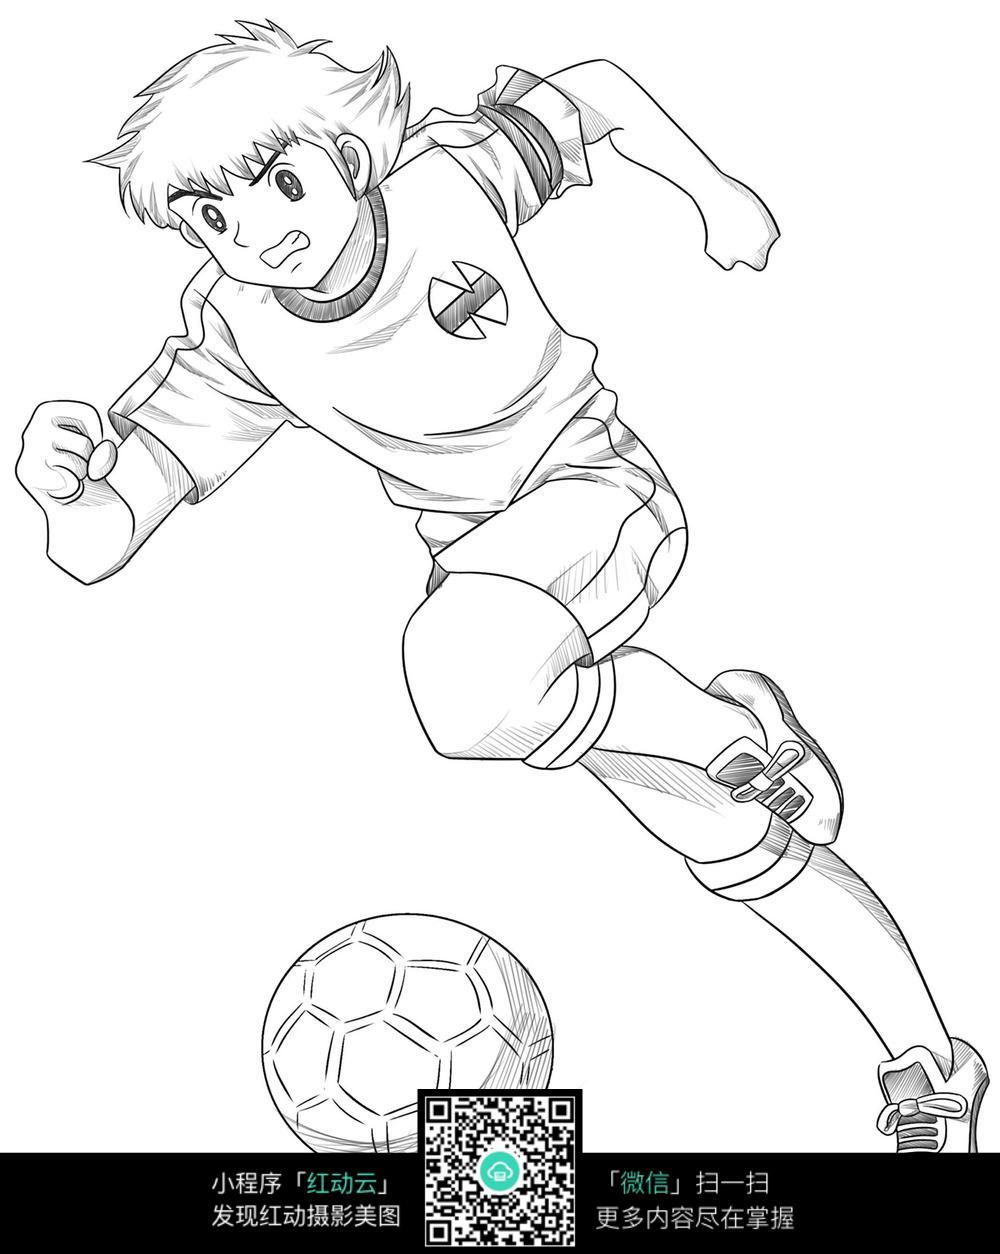 足球和少年卡通手绘线稿_人物卡通图片_编号3693054